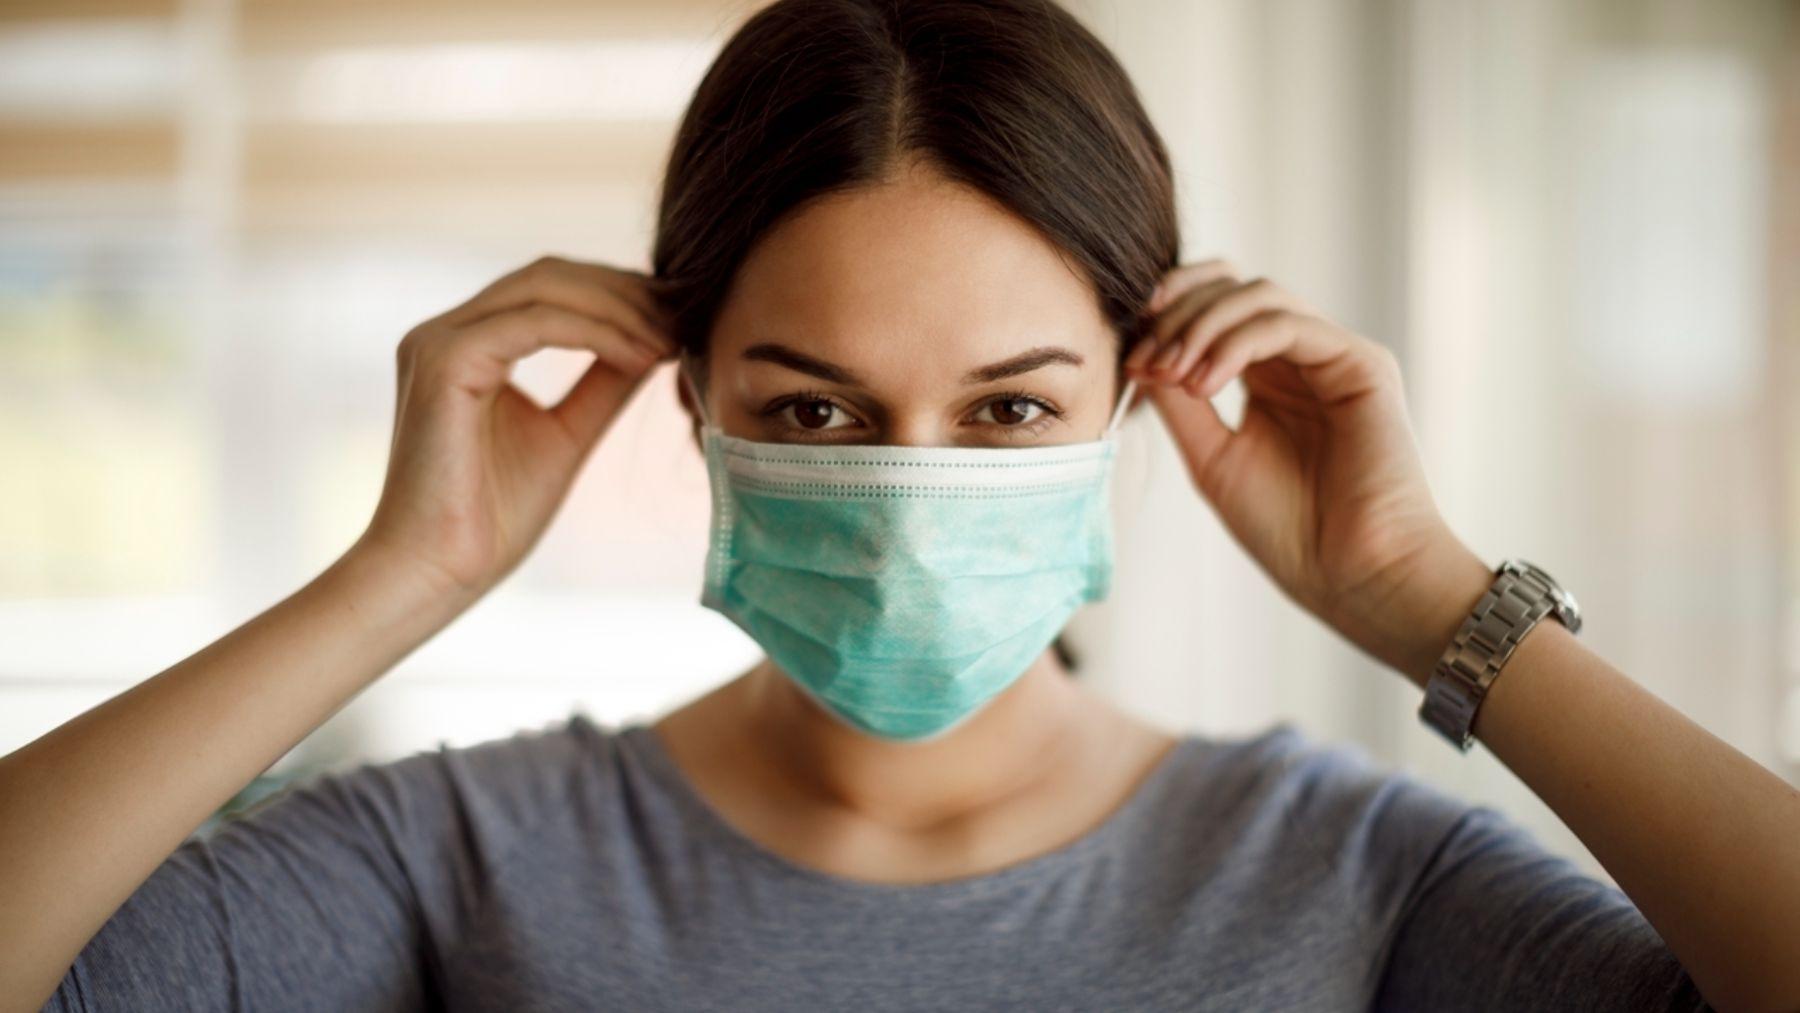 El fin de la pandemia parece estar lejos, pero ¿y el uso de la mascarilla?